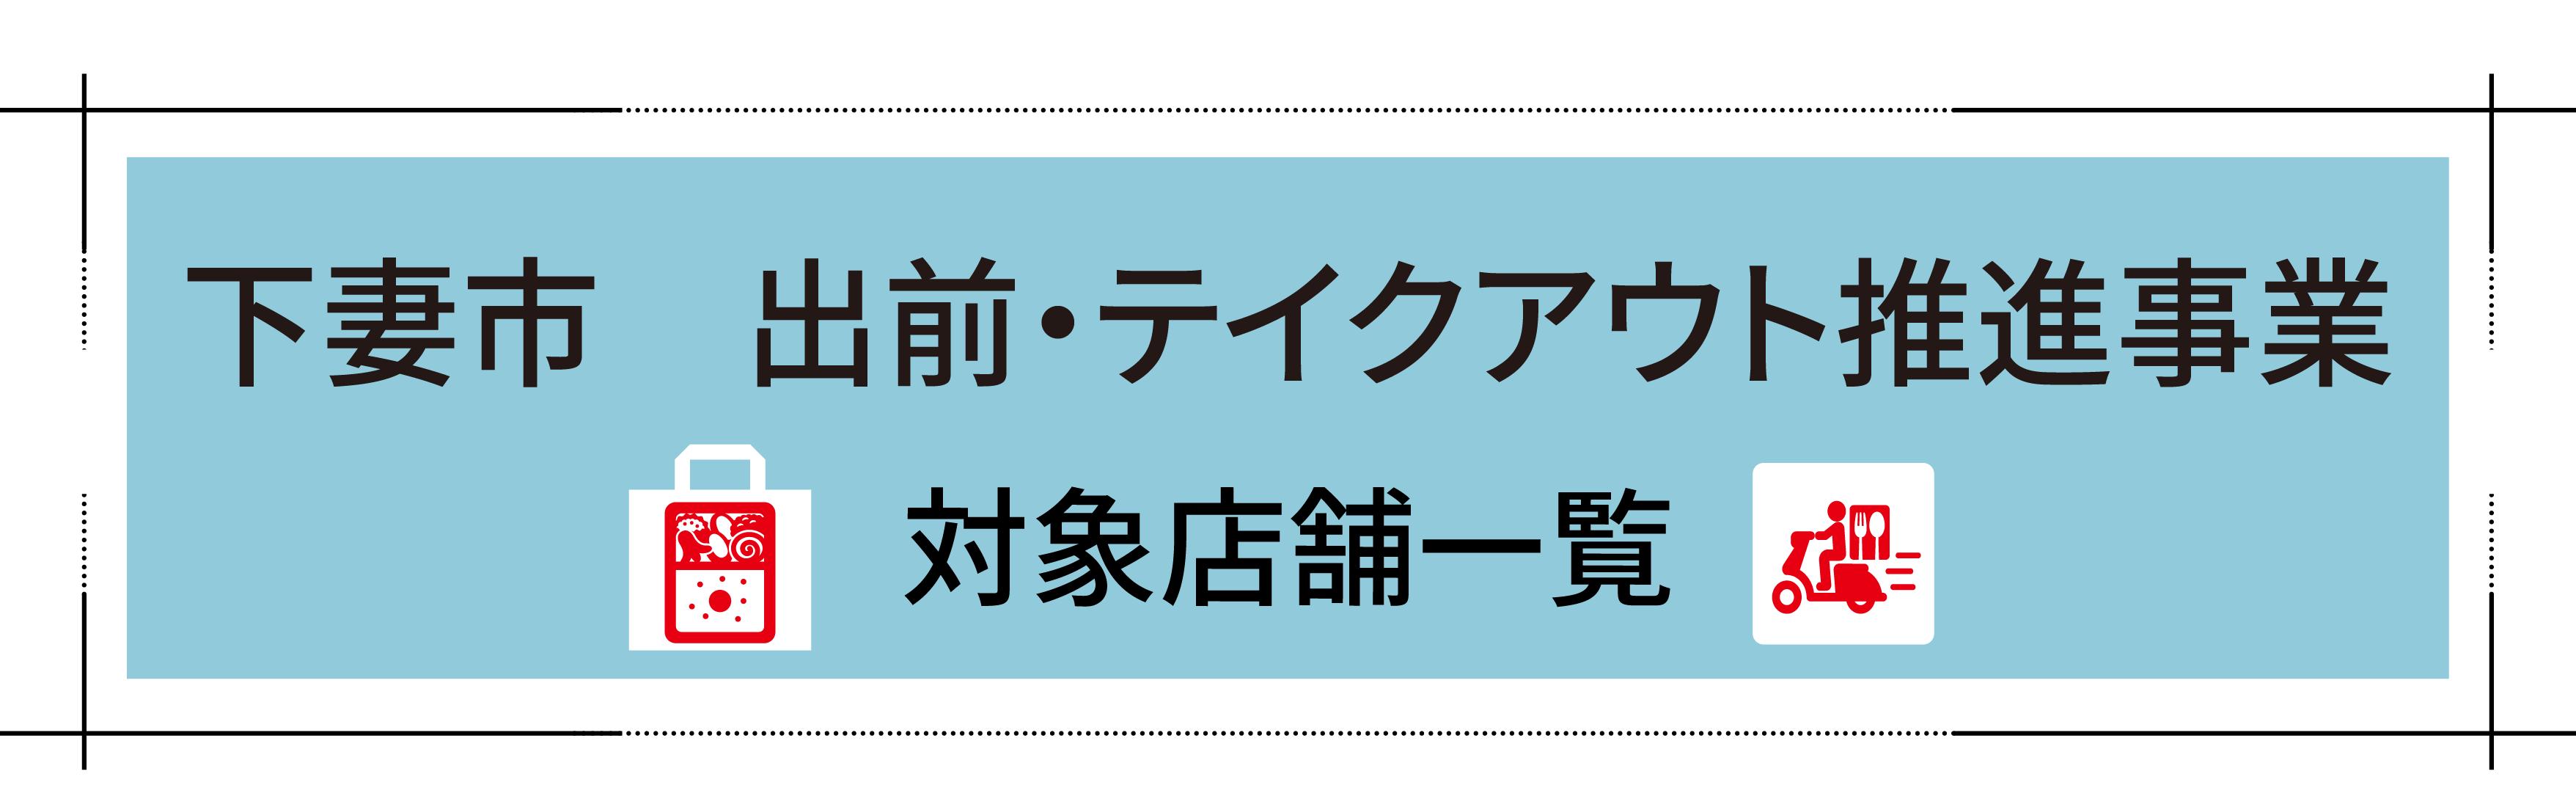 出前・テイクアウト推進事業 アイキャッチ